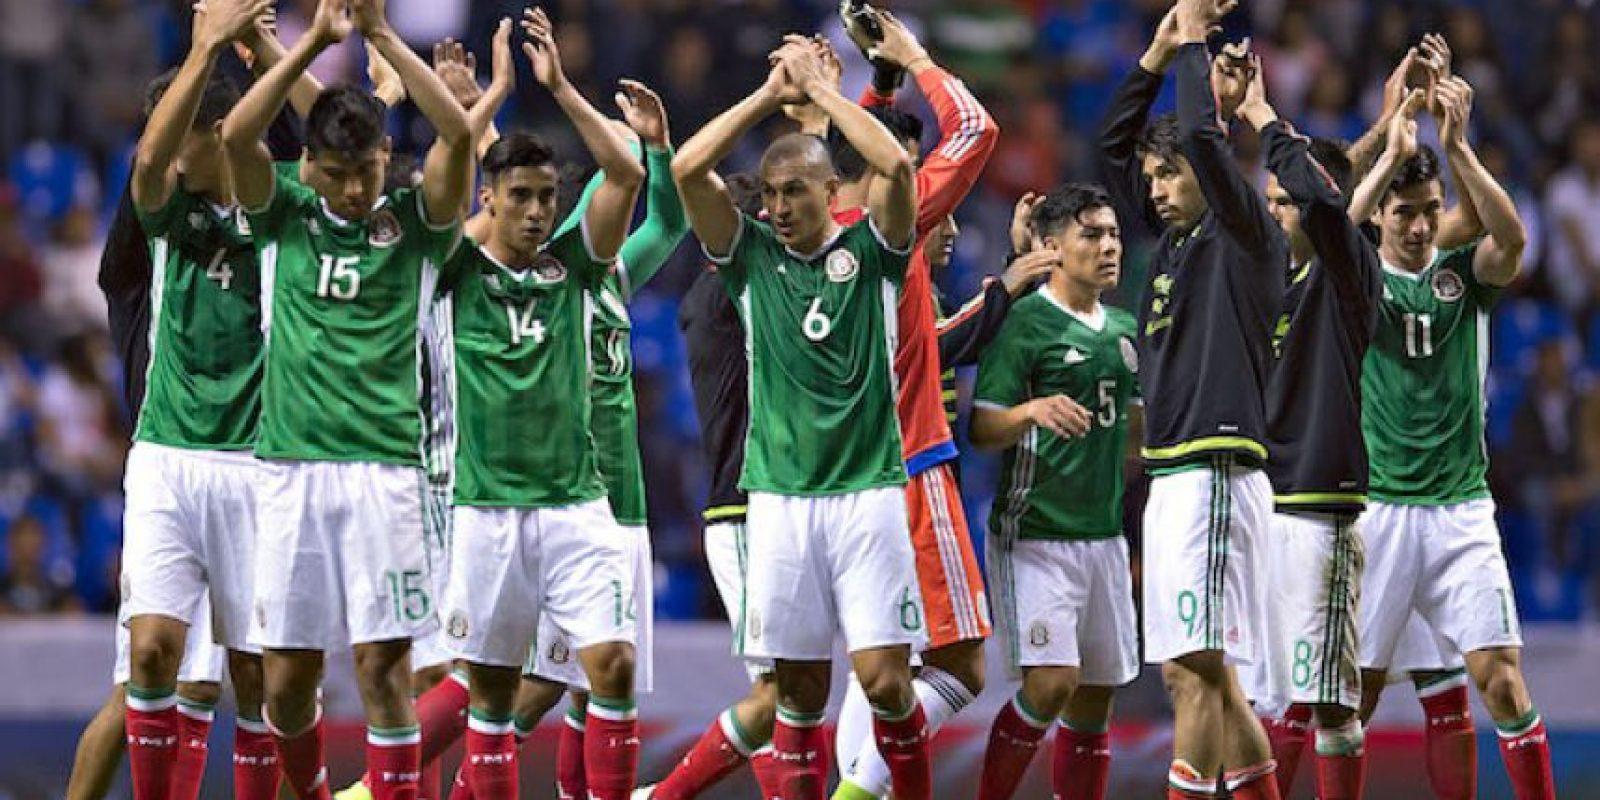 El Tri Olímpico igualó a cero goles con Argentina. Foto:Mexsport